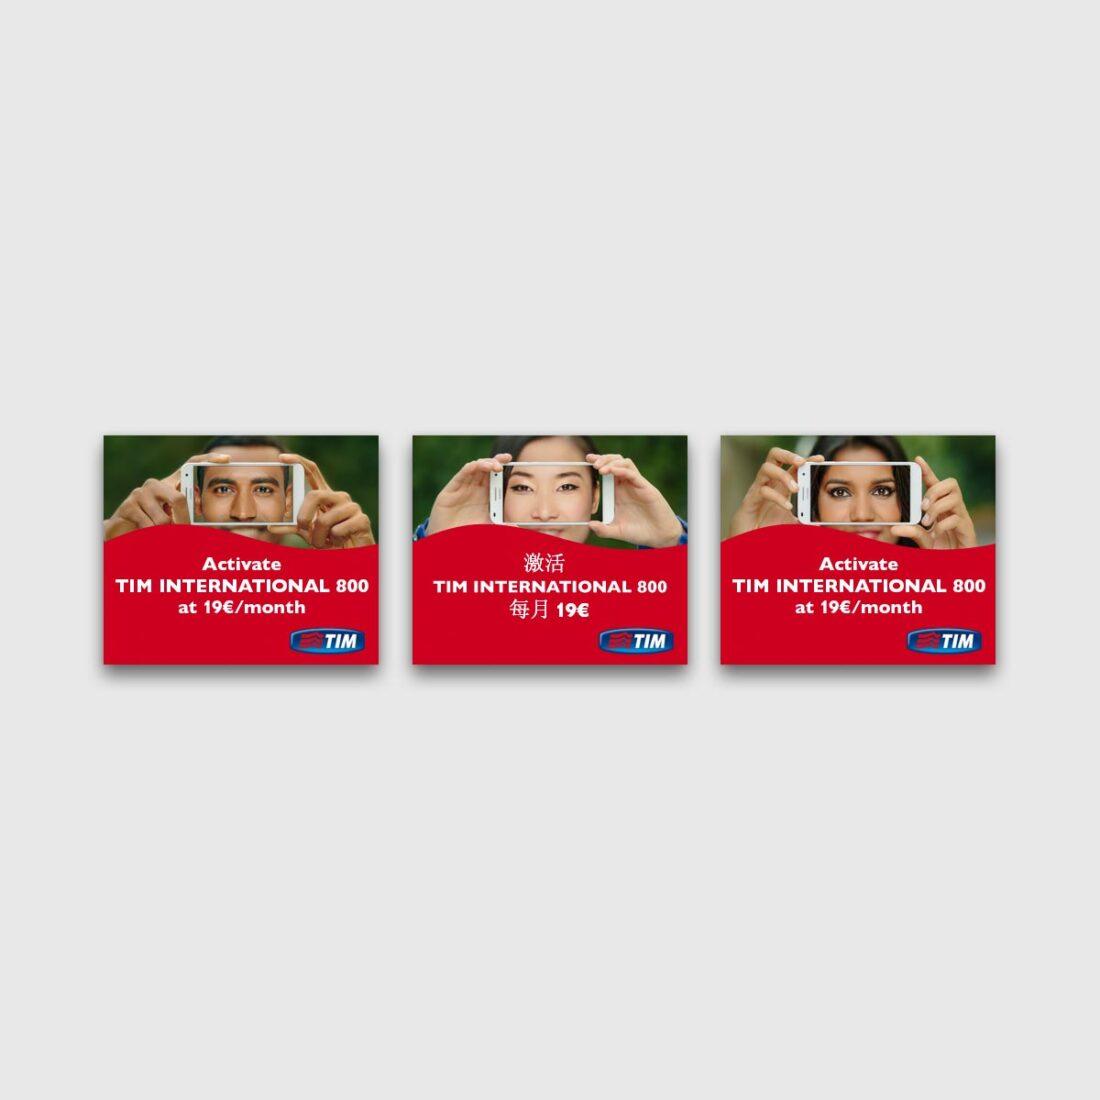 Banner medium rectangle in bengalese, cinese e punjabi - Campagna Display Advertising Online per Tim International